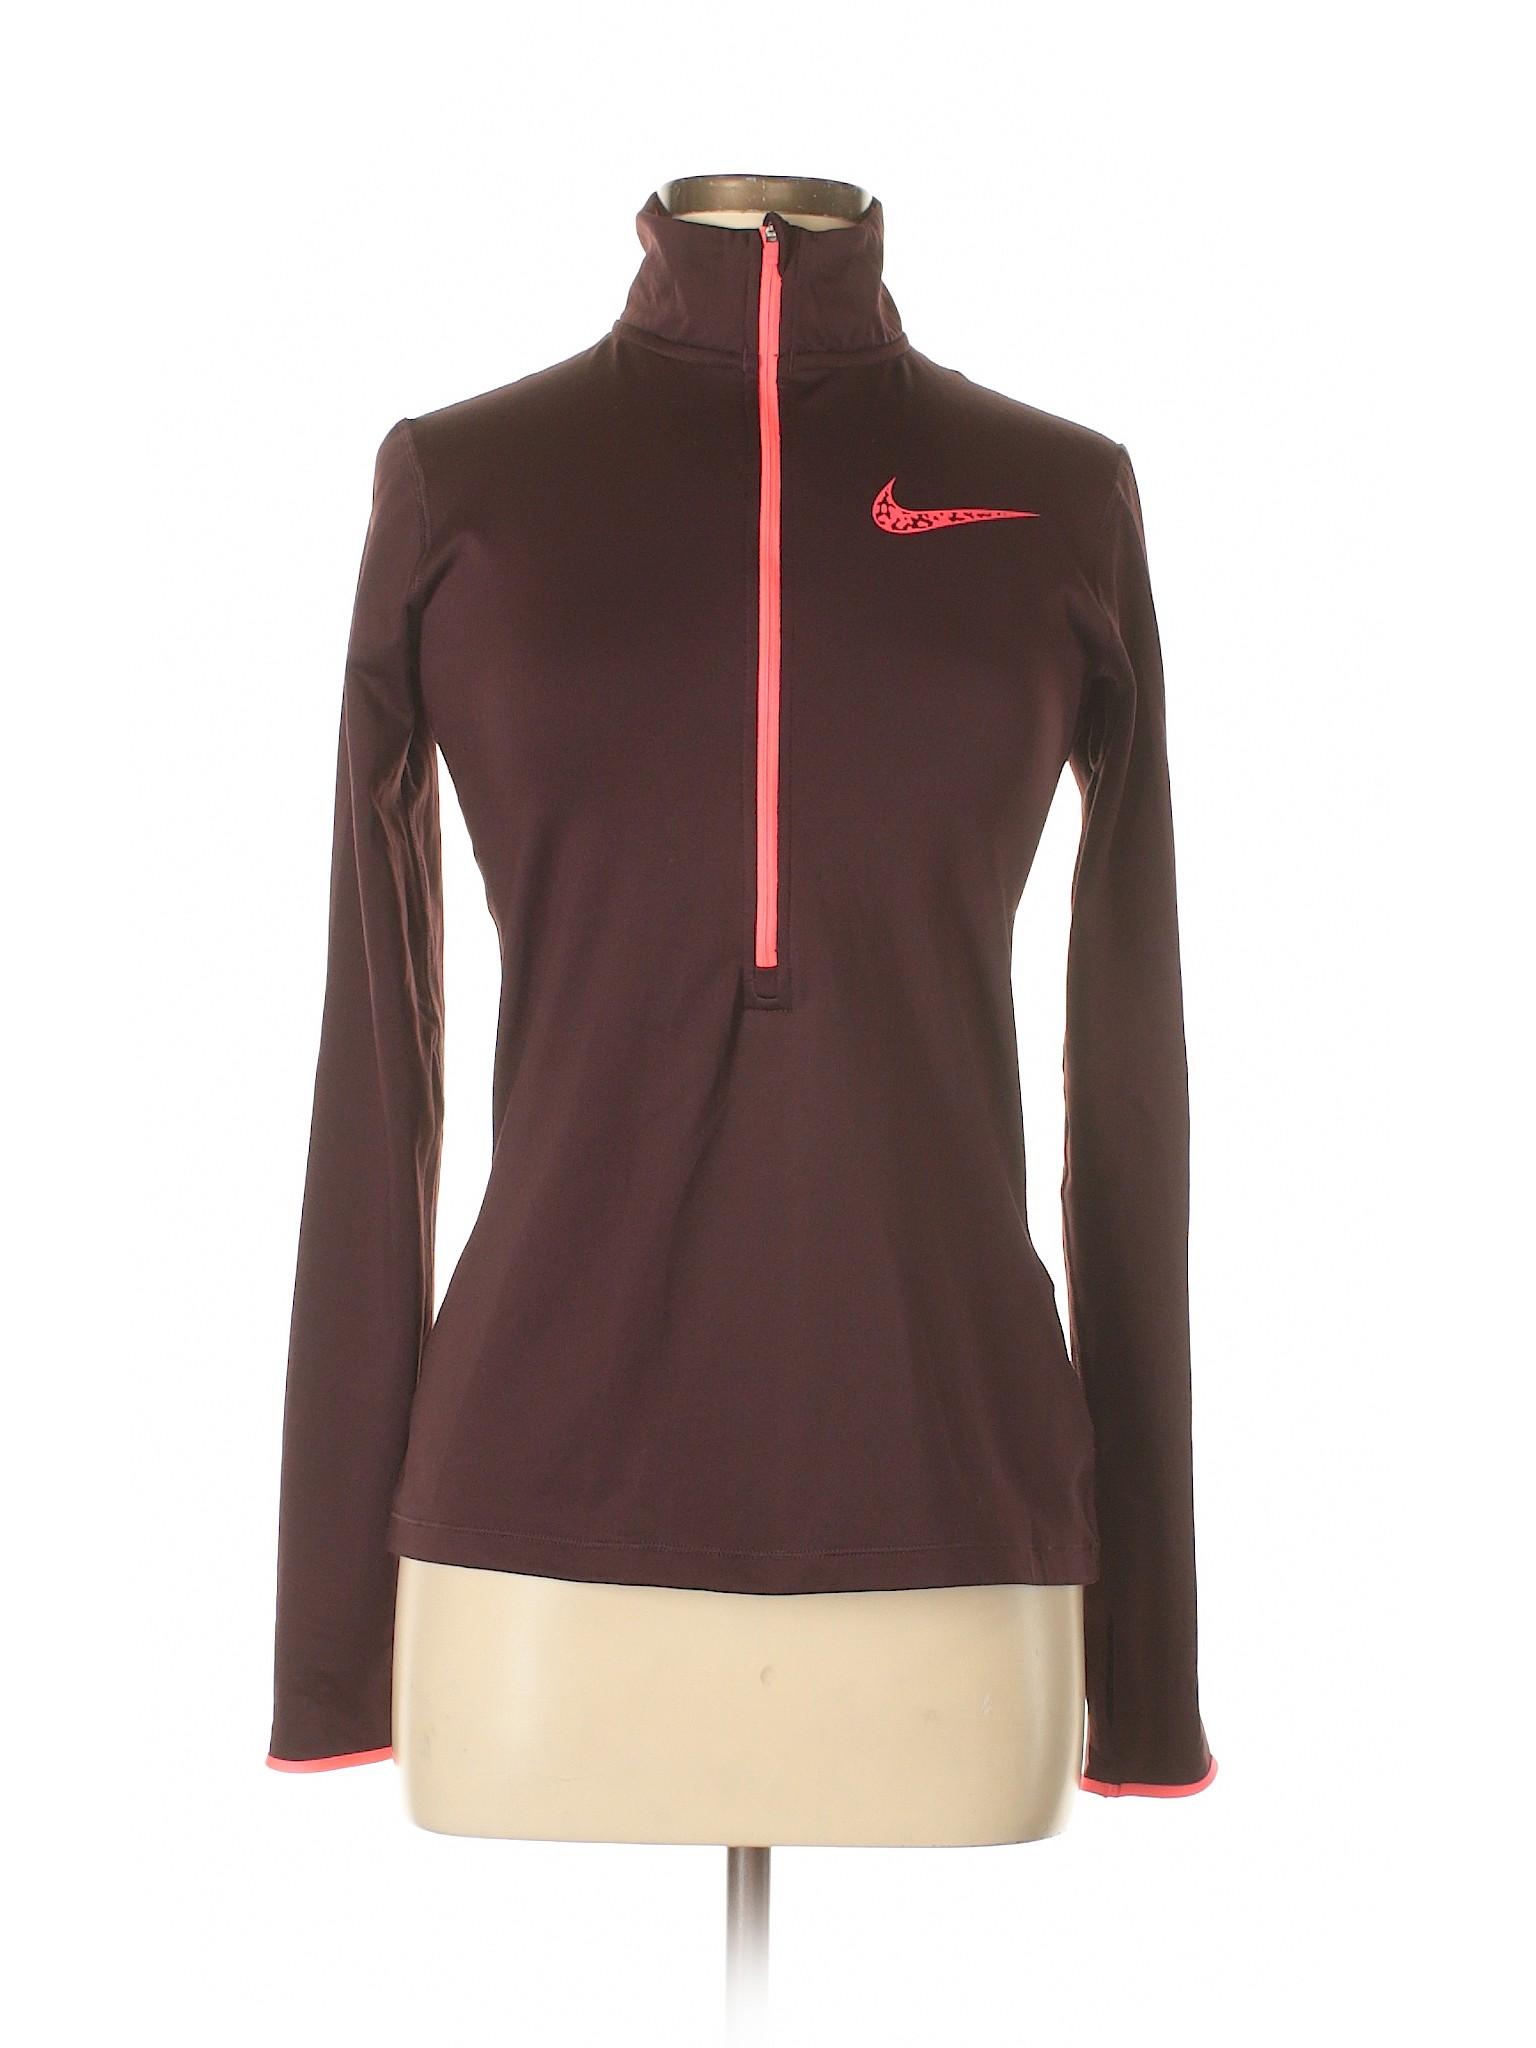 leisure Boutique Nike leisure Boutique Jacket Boutique leisure Boutique leisure Nike Track Track Jacket Jacket Track Nike W4Aq4rI